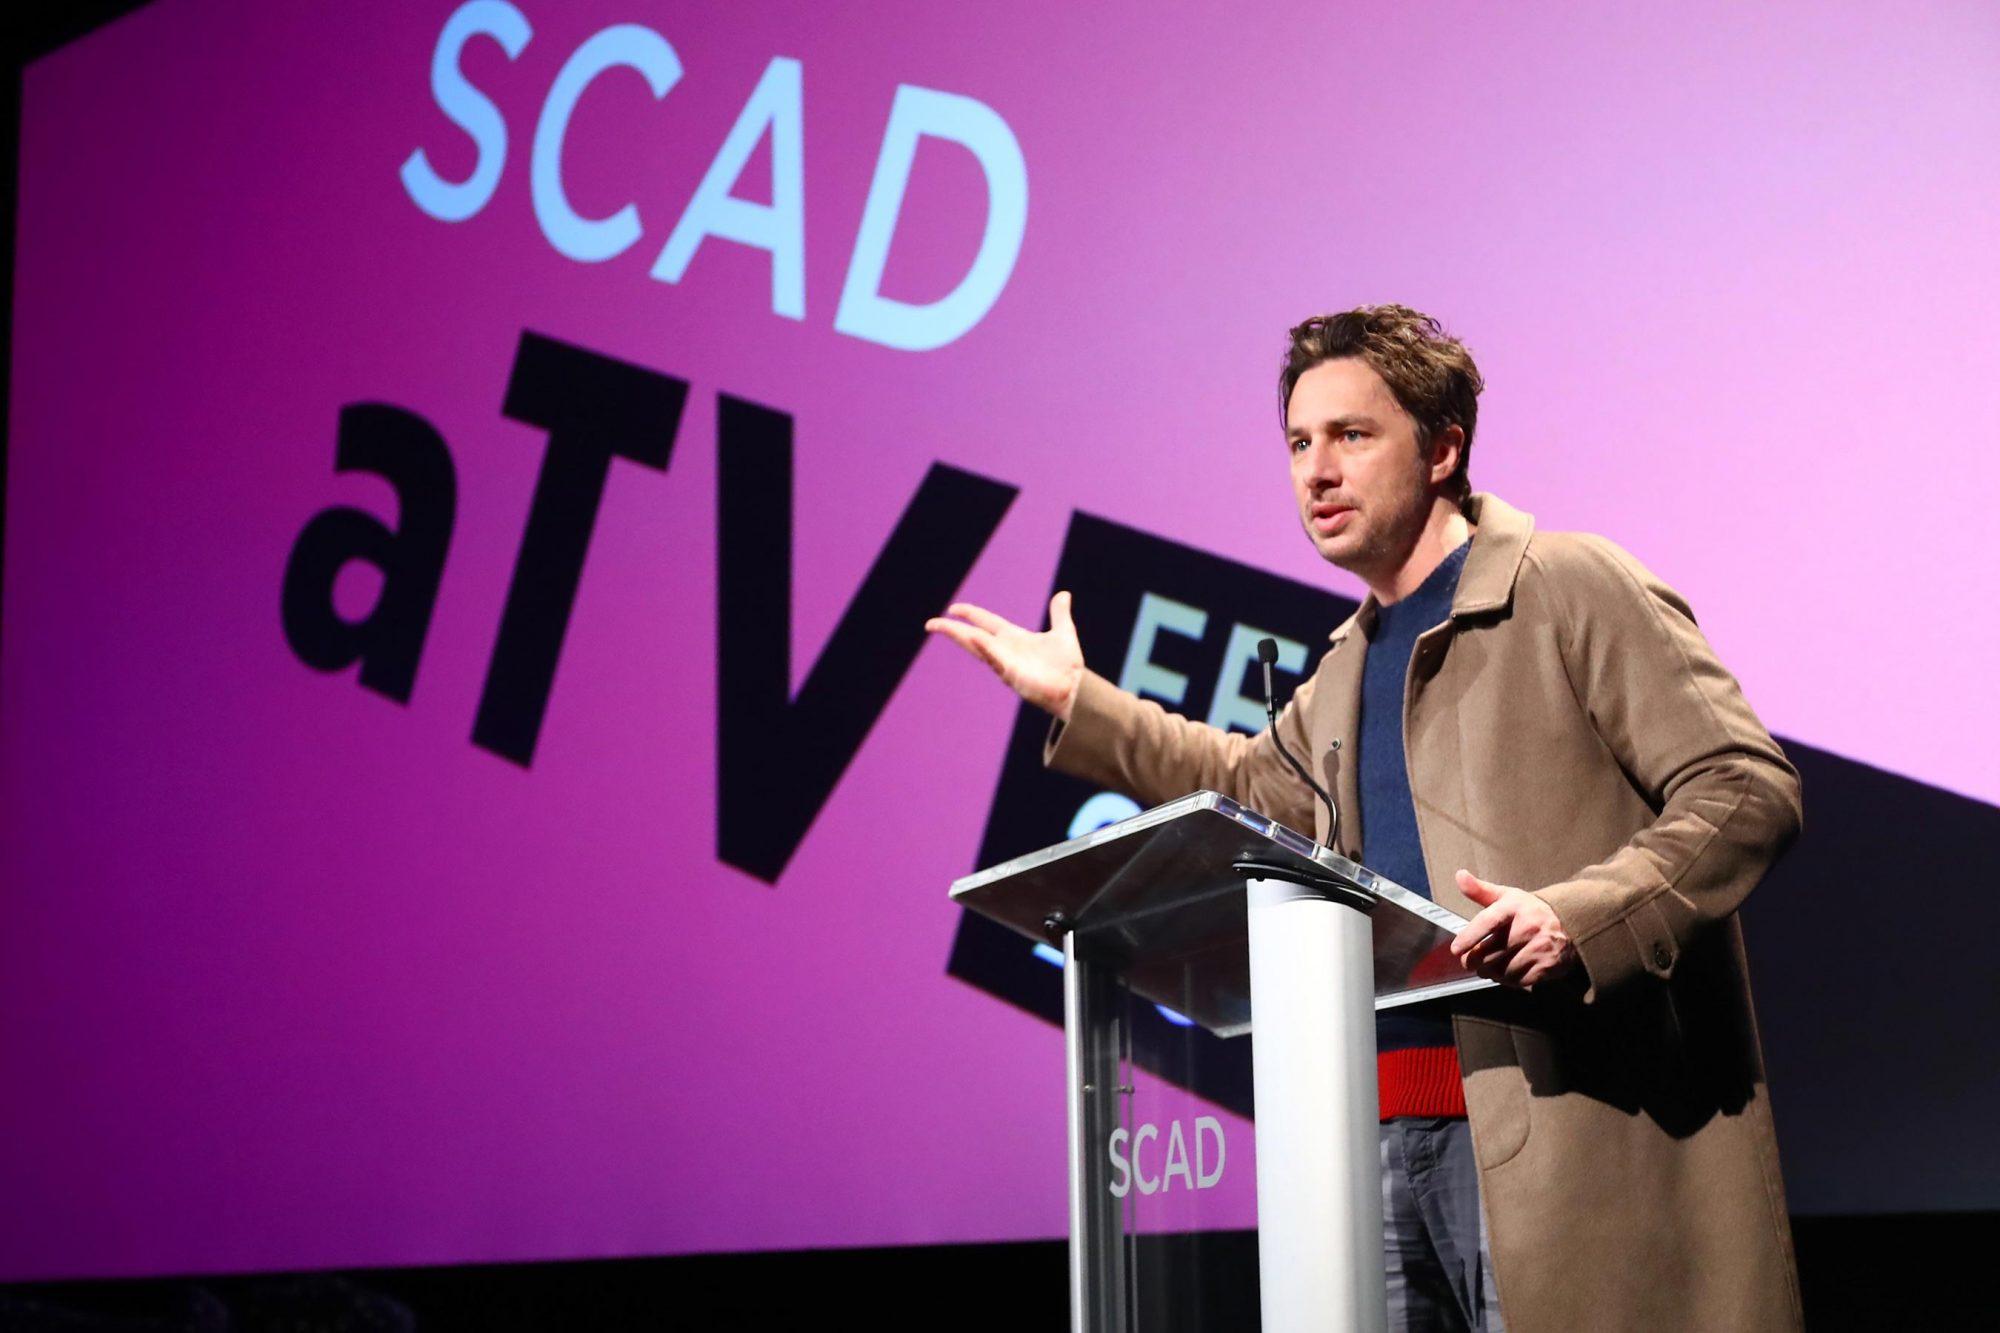 SCAD aTVfest 2018 - Spotlight Award Presentation, Zach Braff